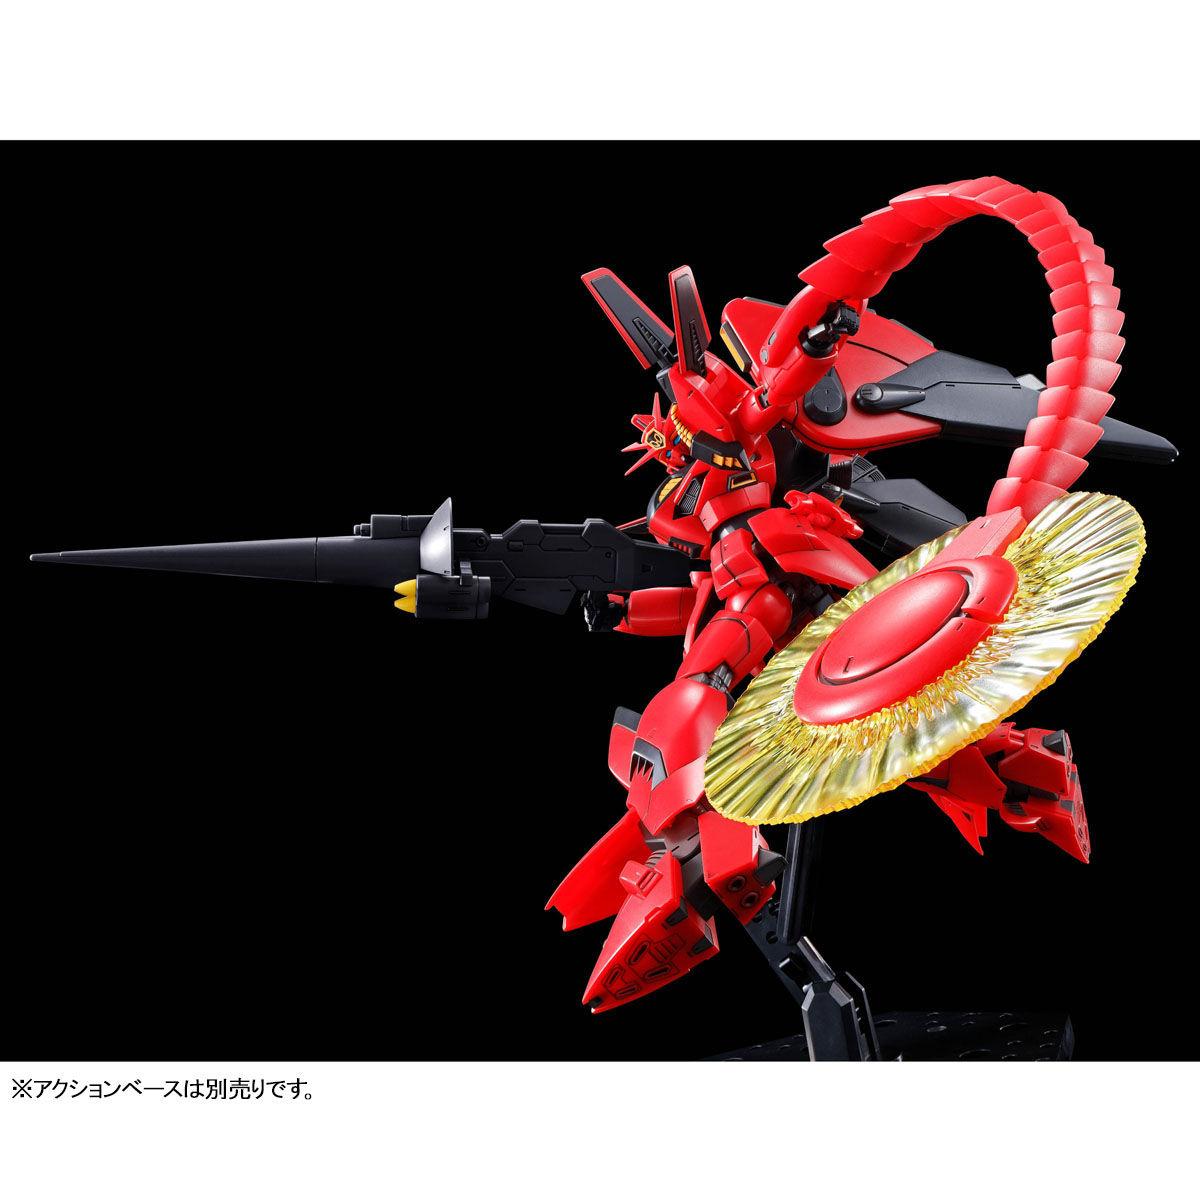 【限定販売】RE/100『ビギナ・ギナII(木星決戦仕様)』1/100 プラモデル-005